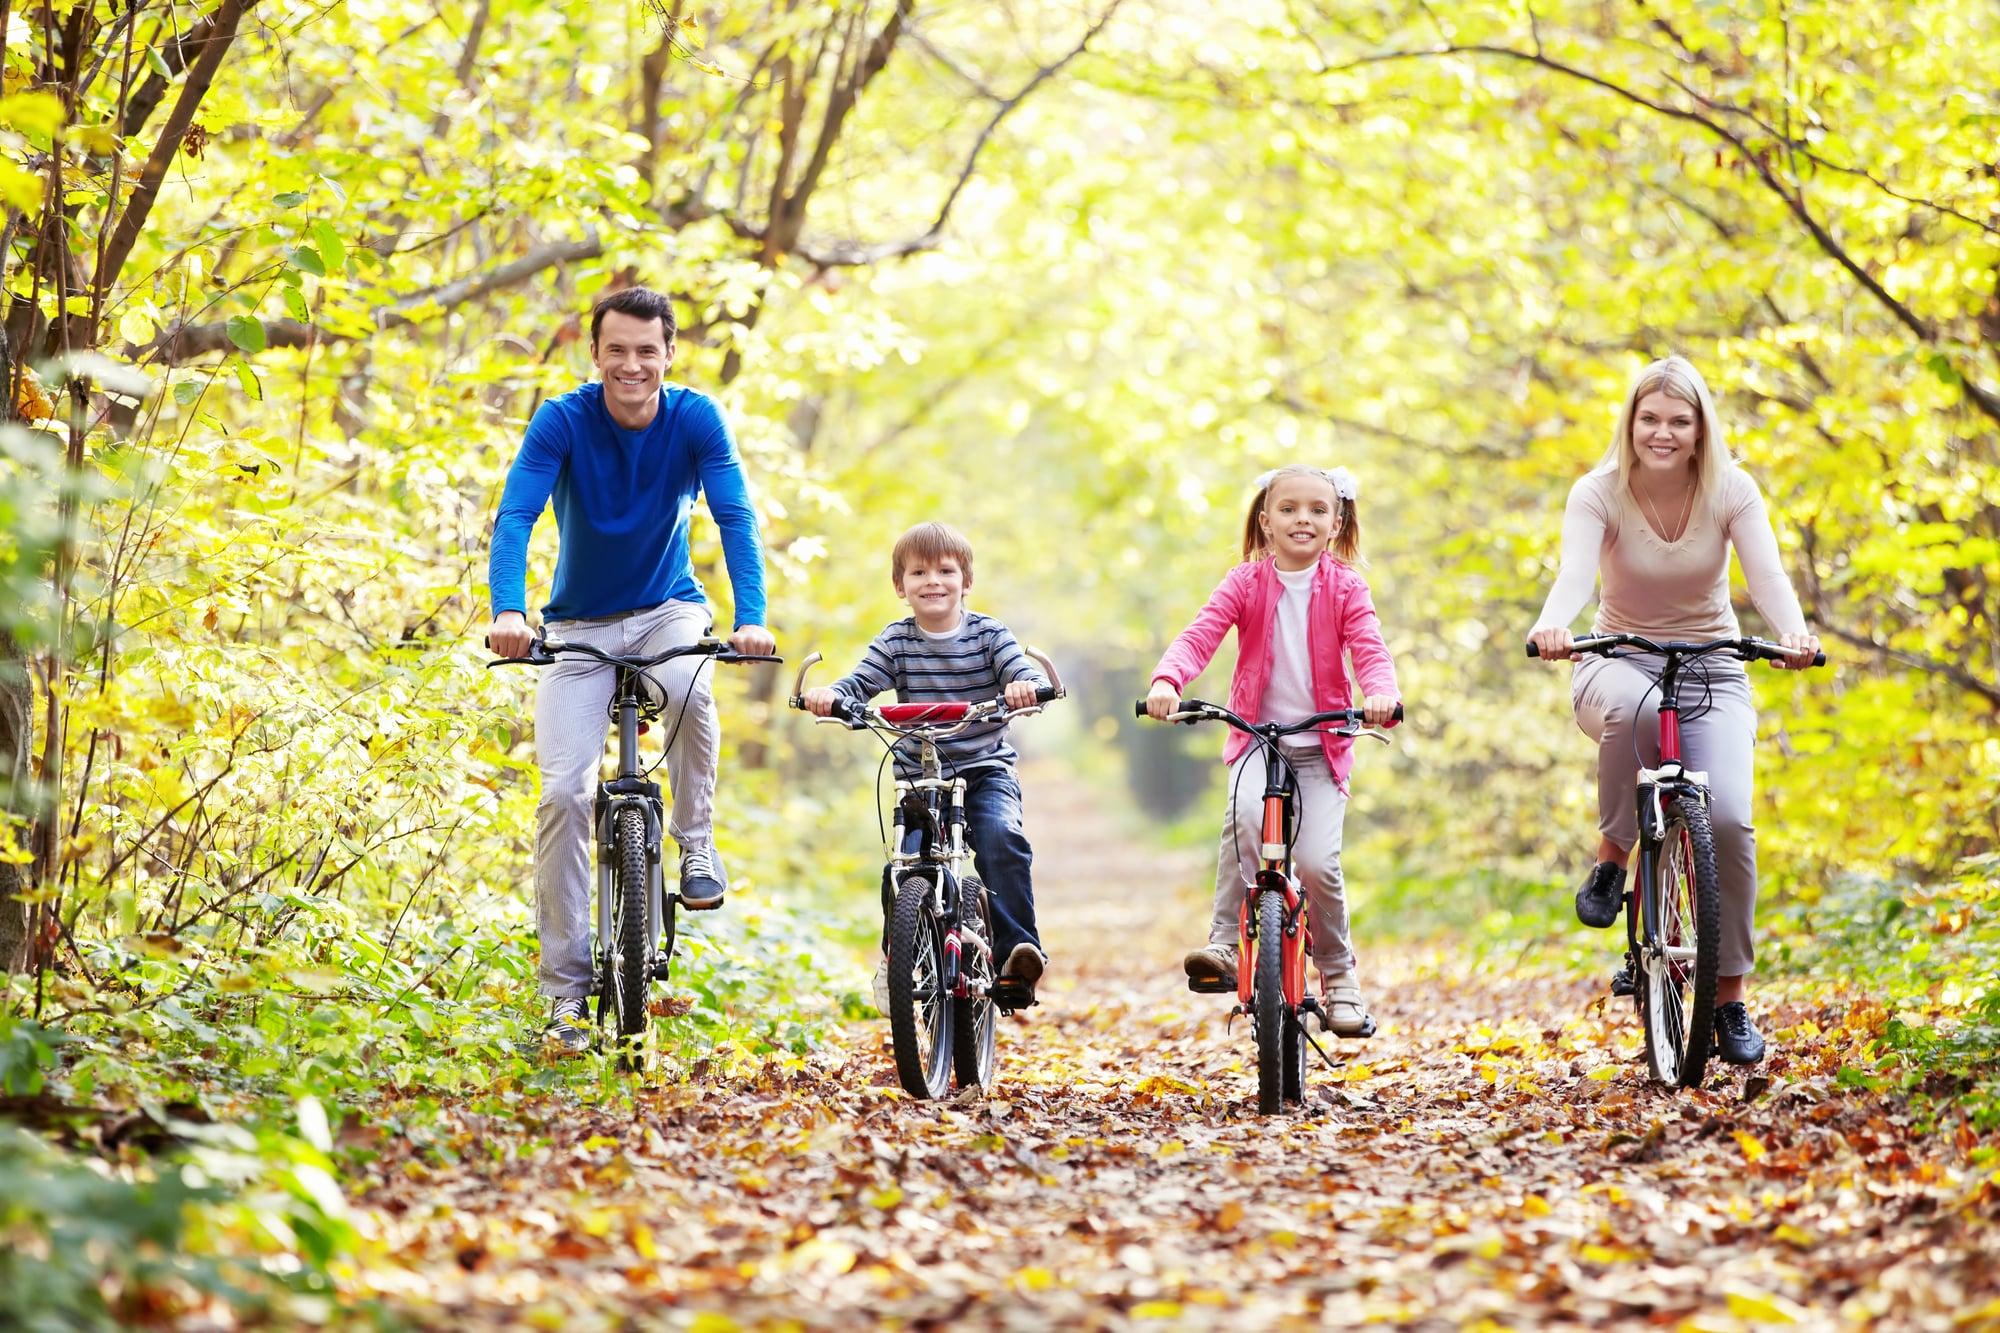 Perhe pyöräretkellä